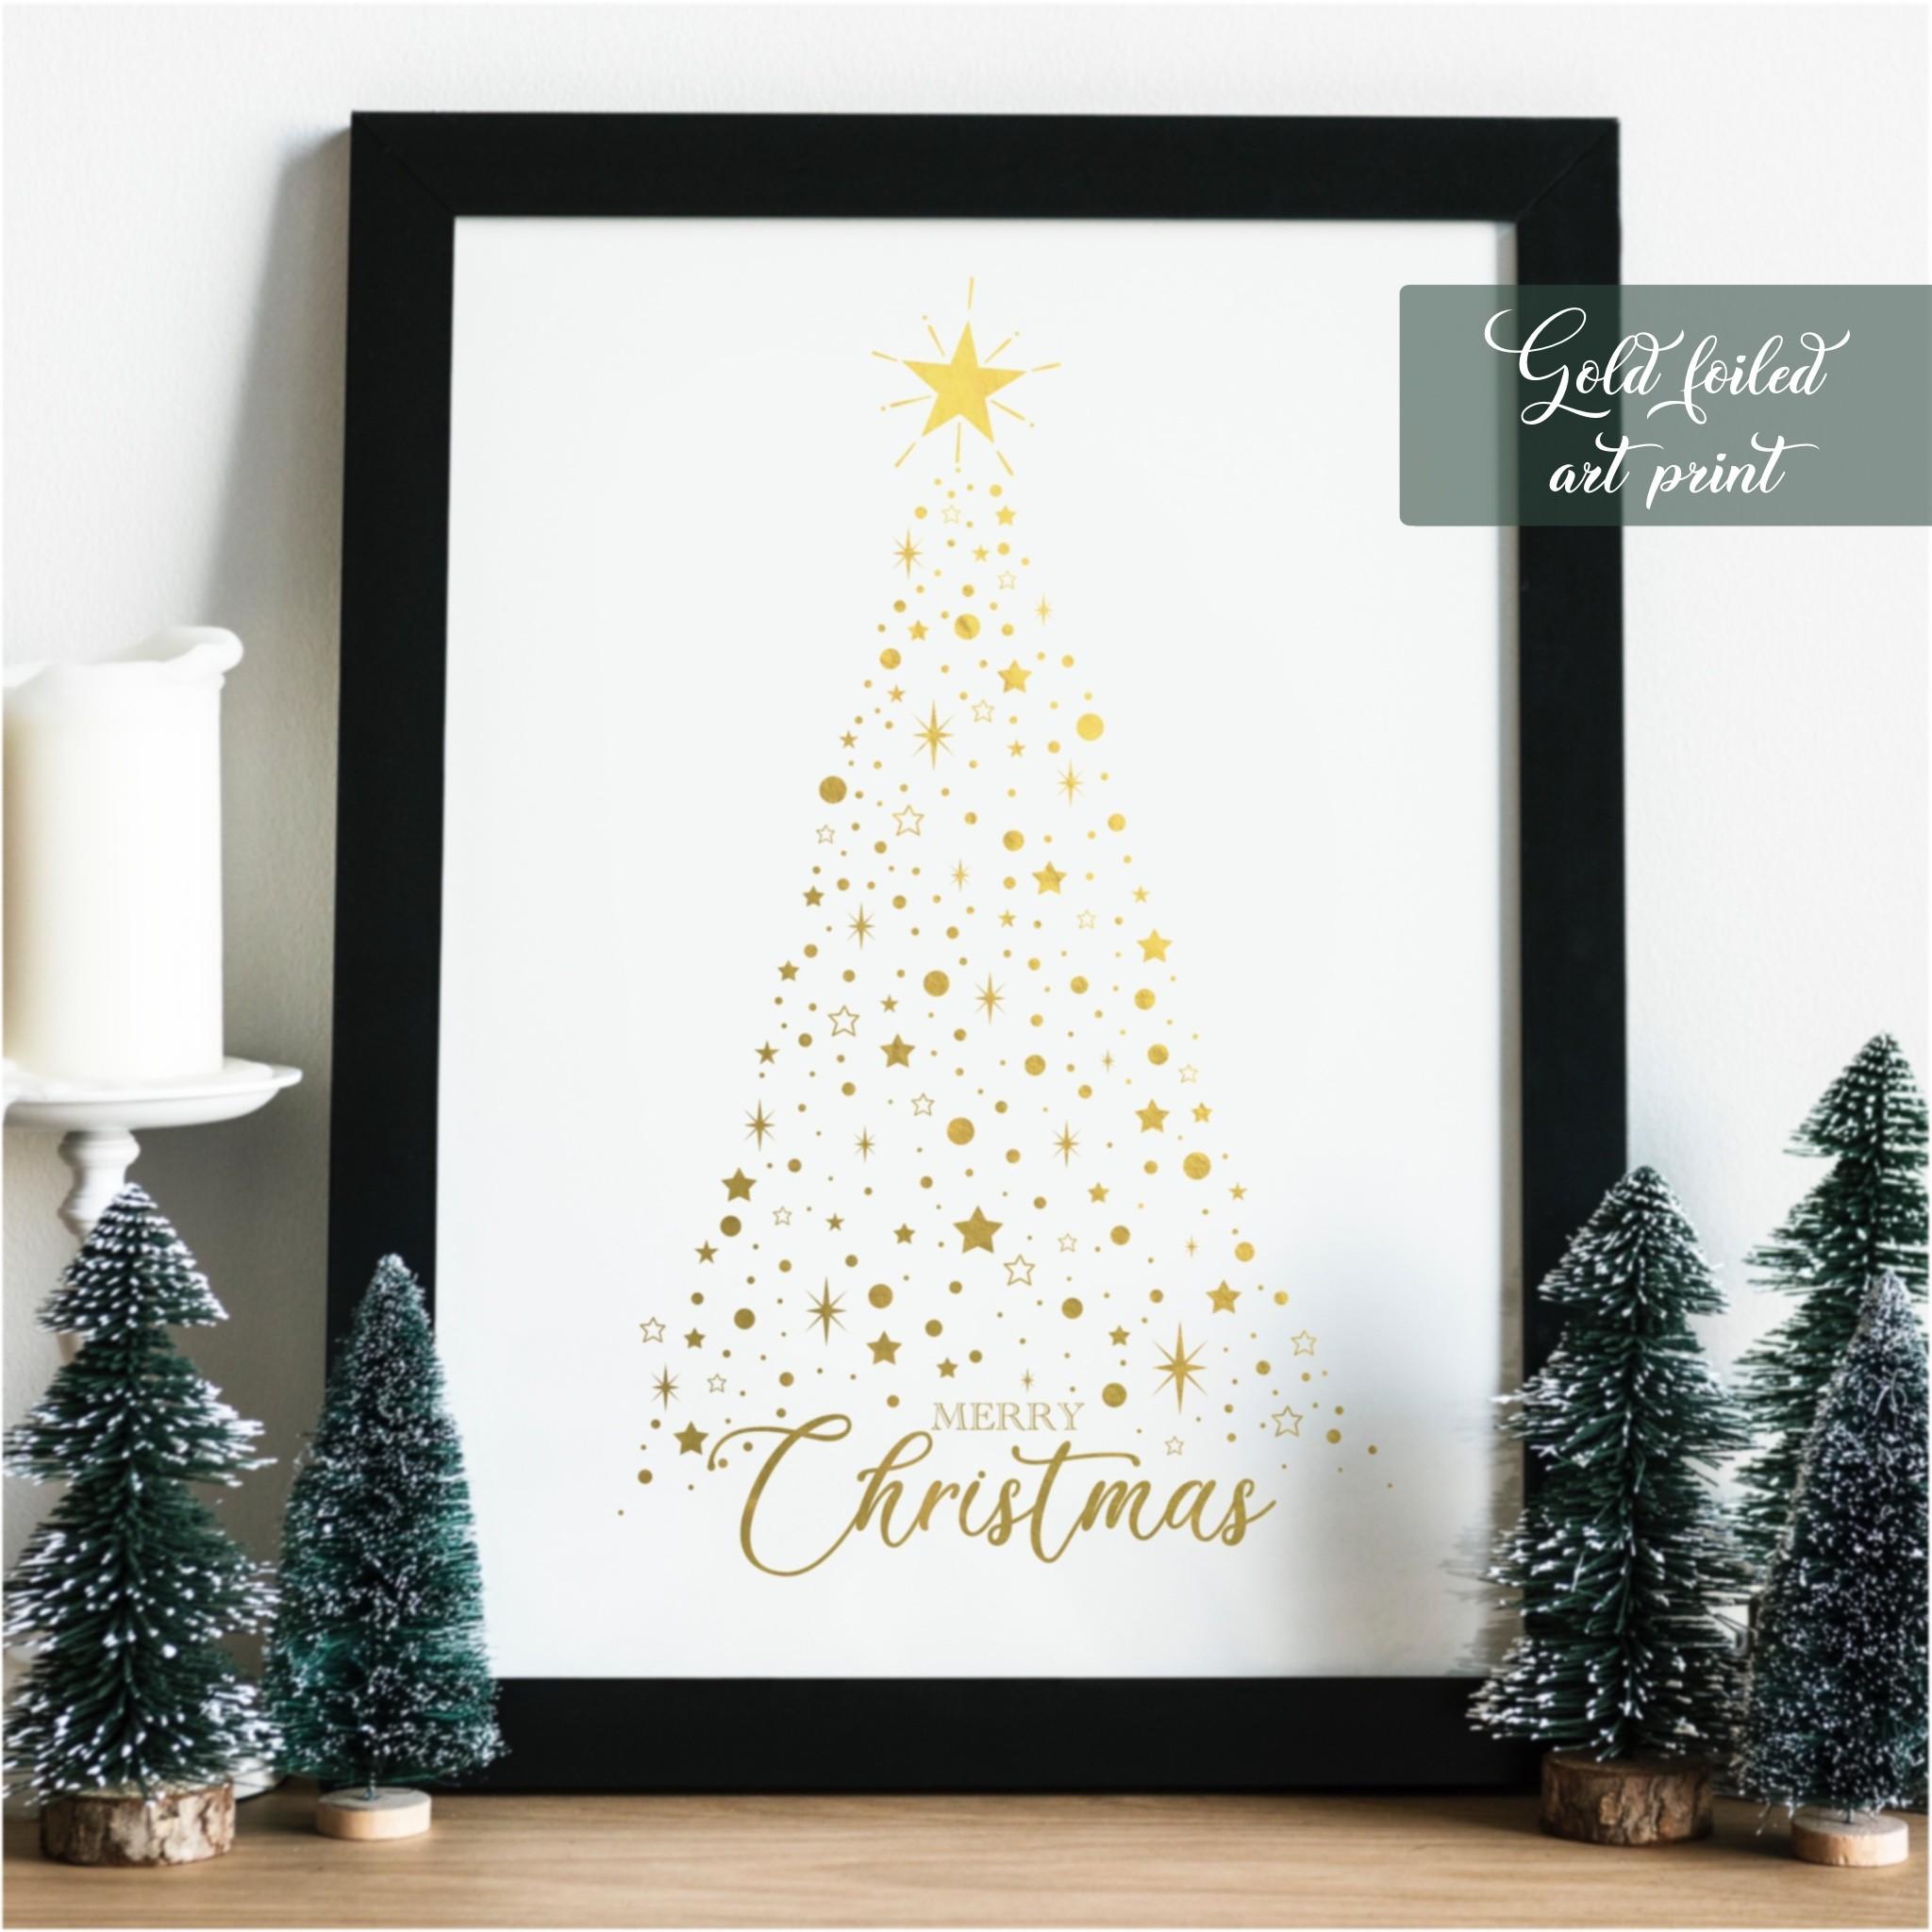 8x10 Foiled Christmas Framed Print(Christmas tree)